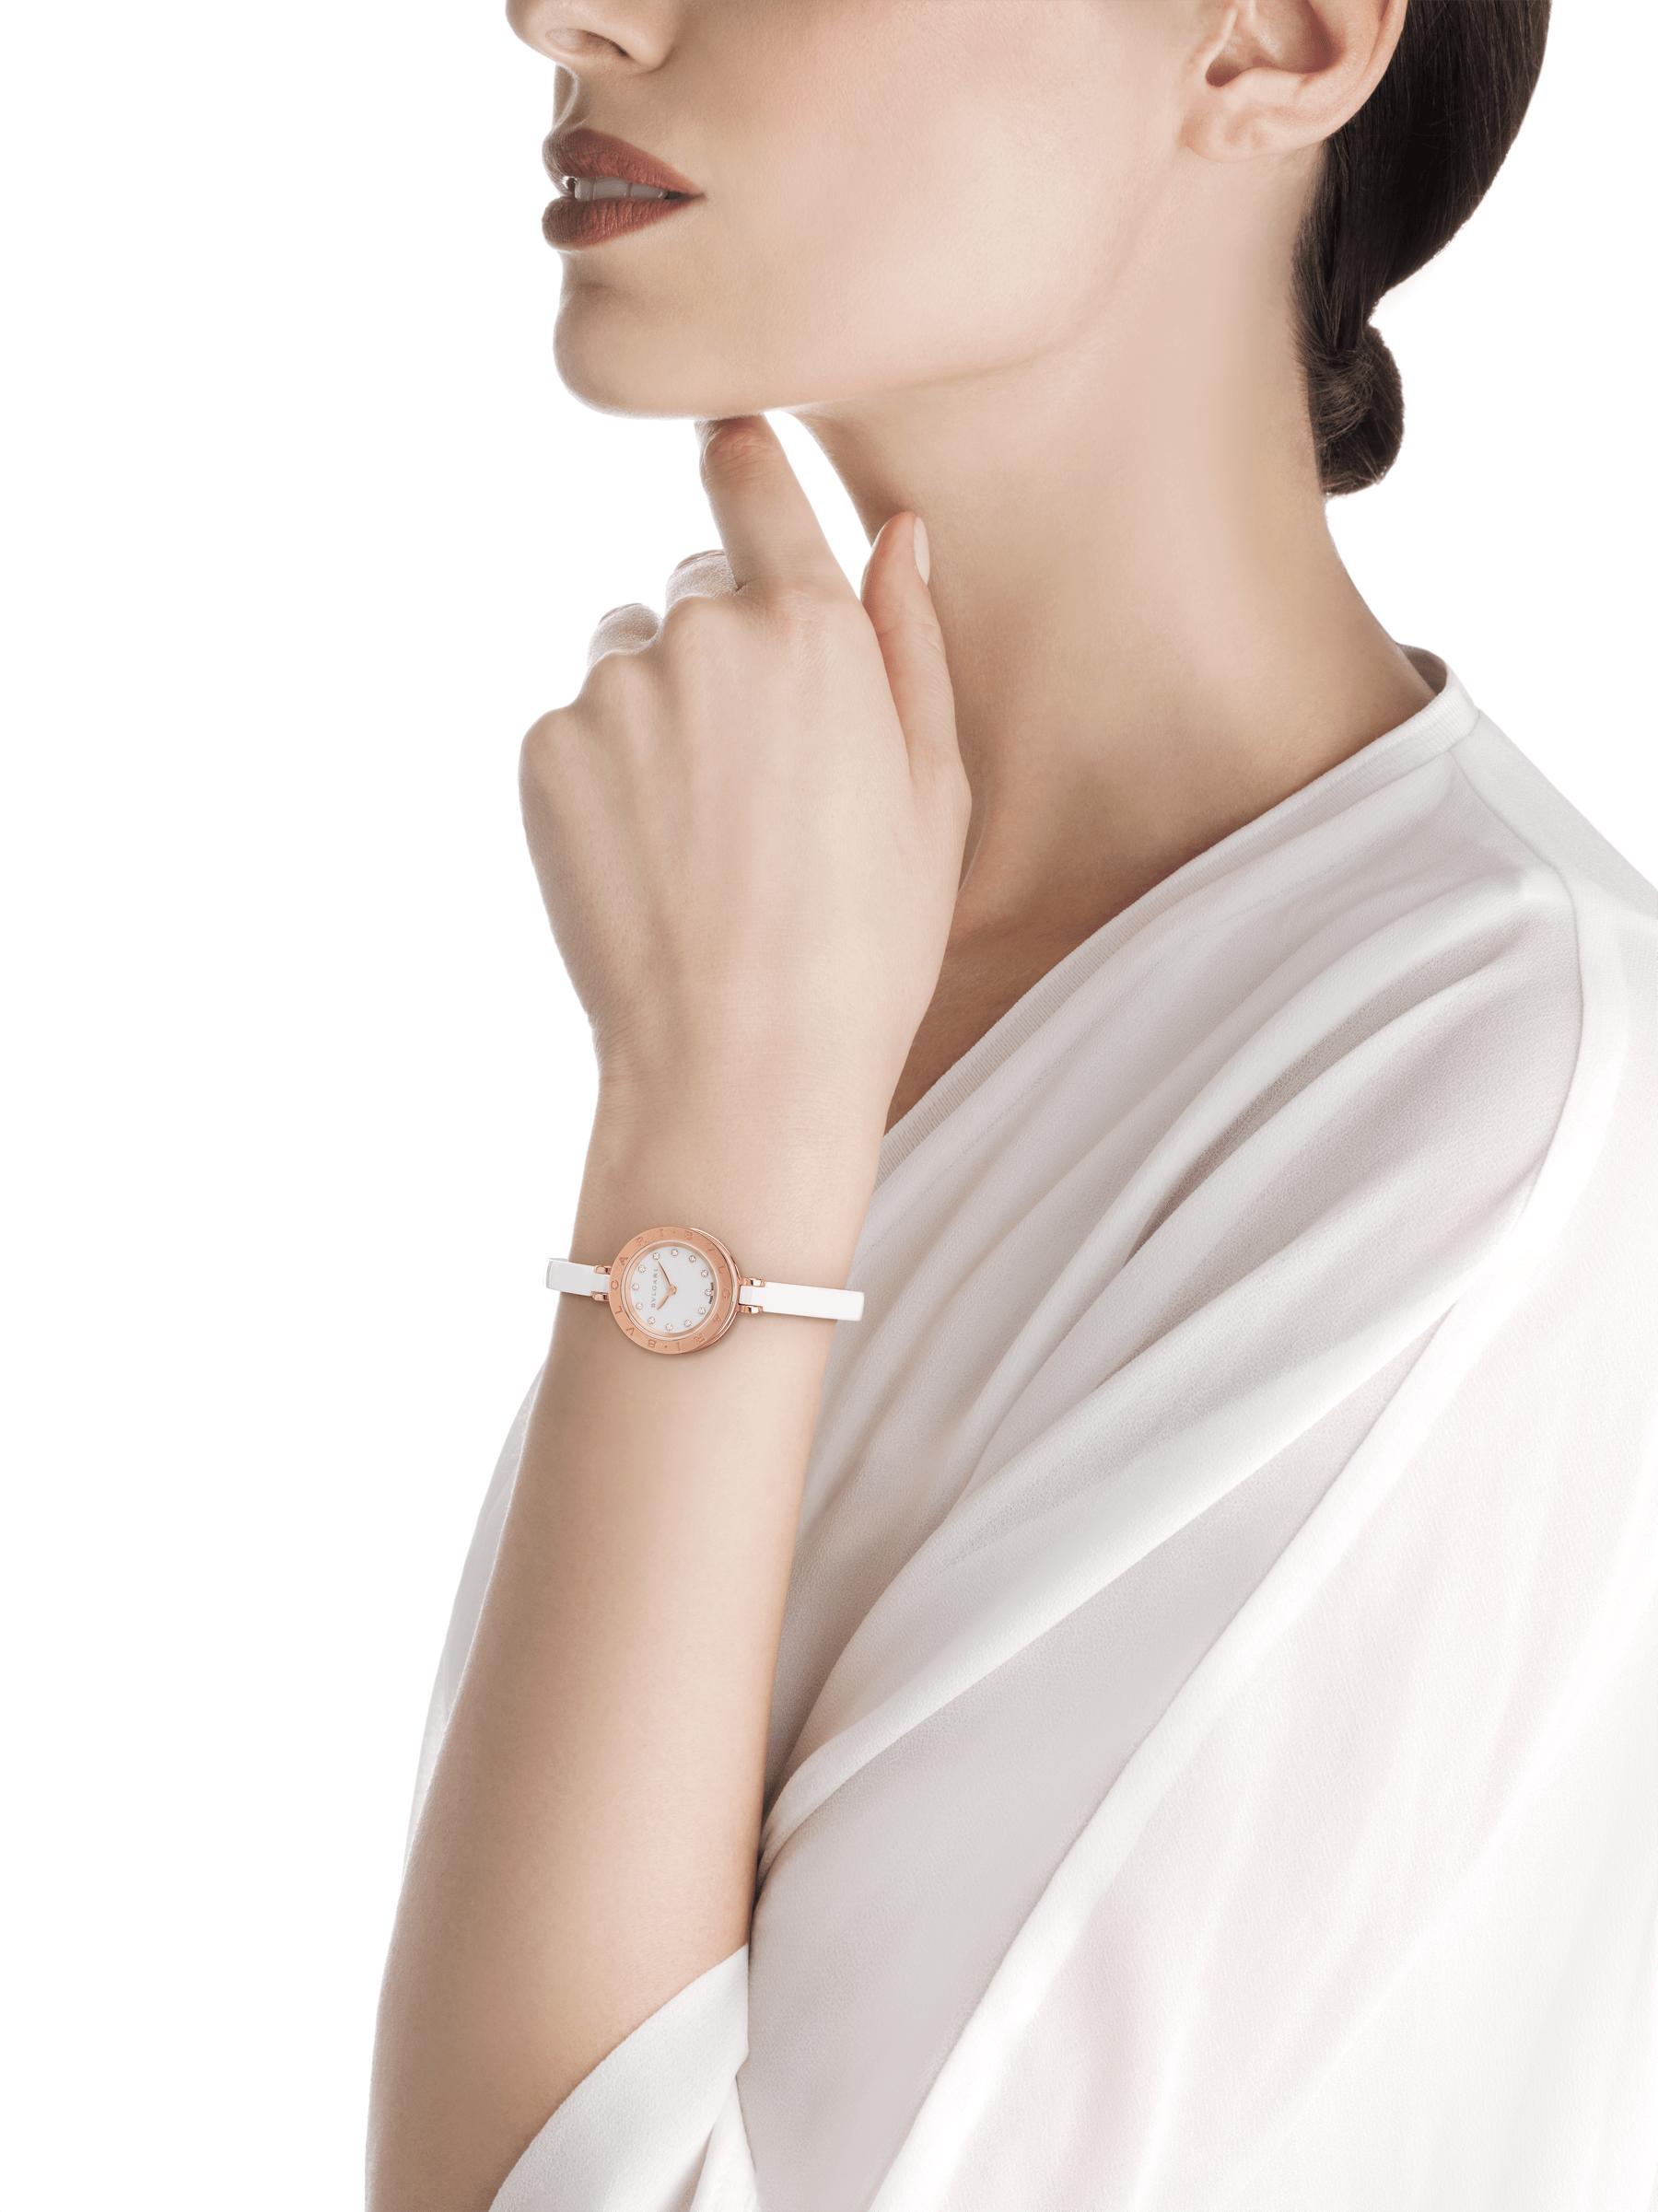 Relógio B.zero1 com caixa em aço inoxidável e ouro rosa 18K, espiral e pulseira em cerâmica branca, mostrador branco laqueado e índices de diamante. Tamanho médio B01watch-white-white-dial3 image 5